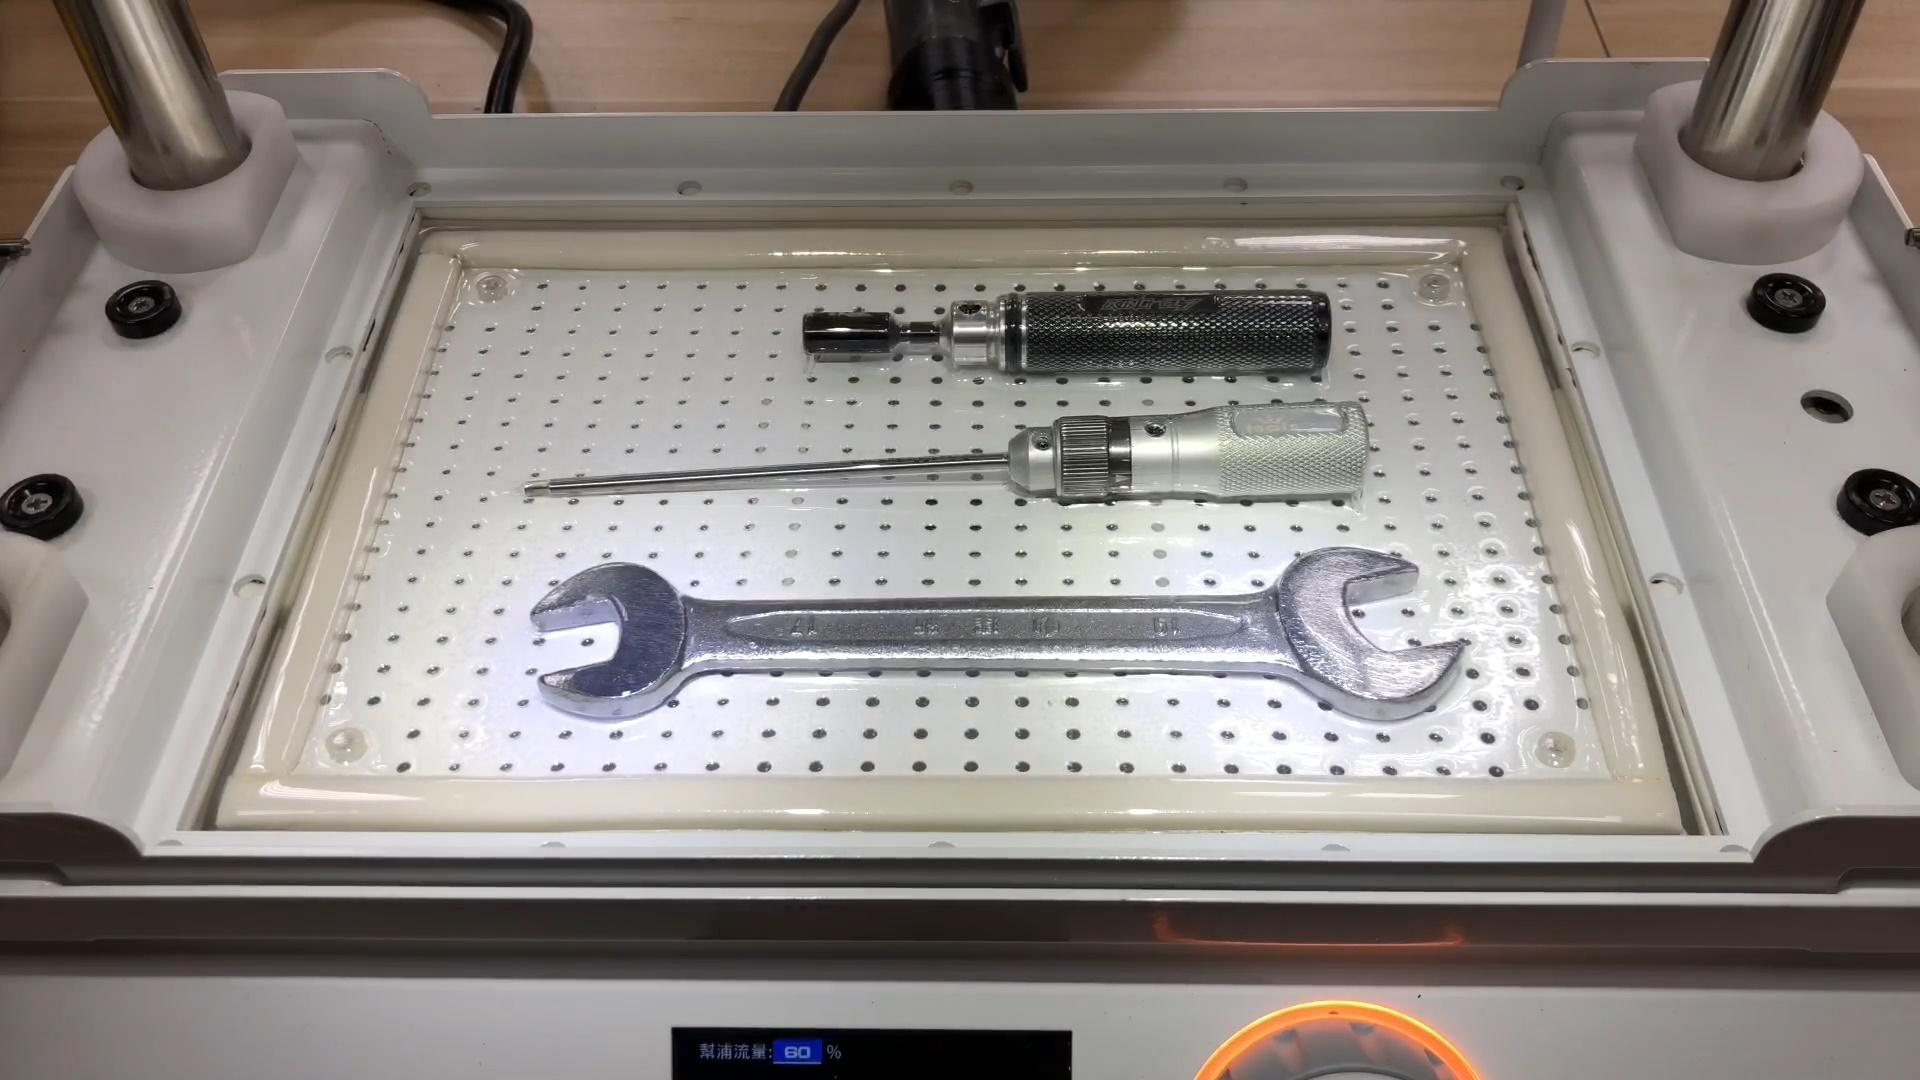 FORMART小型真空成型機(桌上型真空吸塑機)製作工具泡殼